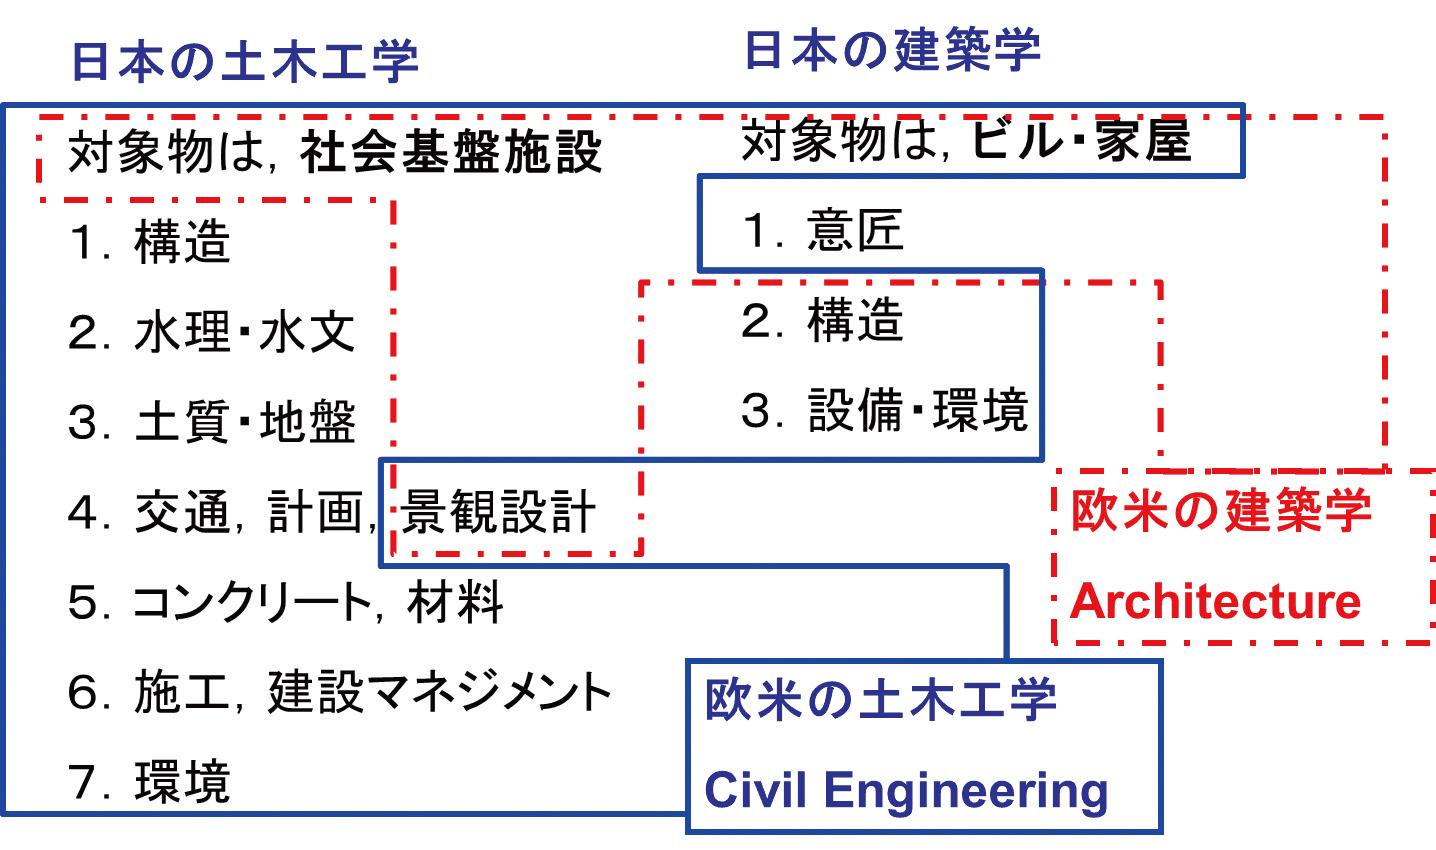 図-1 日本と欧米の土木・建築の分け方の違い